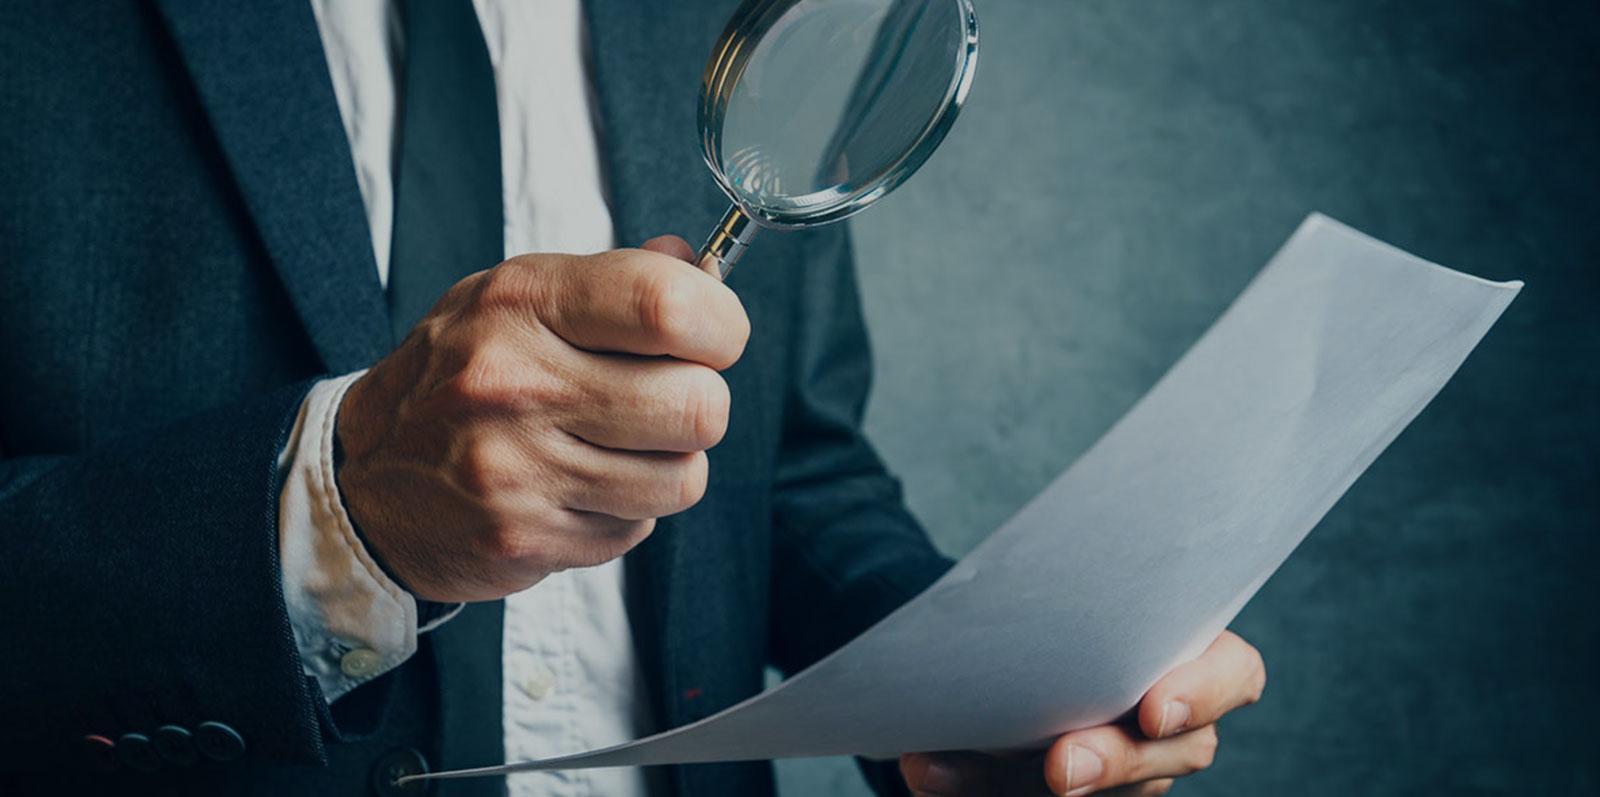 agenzia investigativa OR.MA